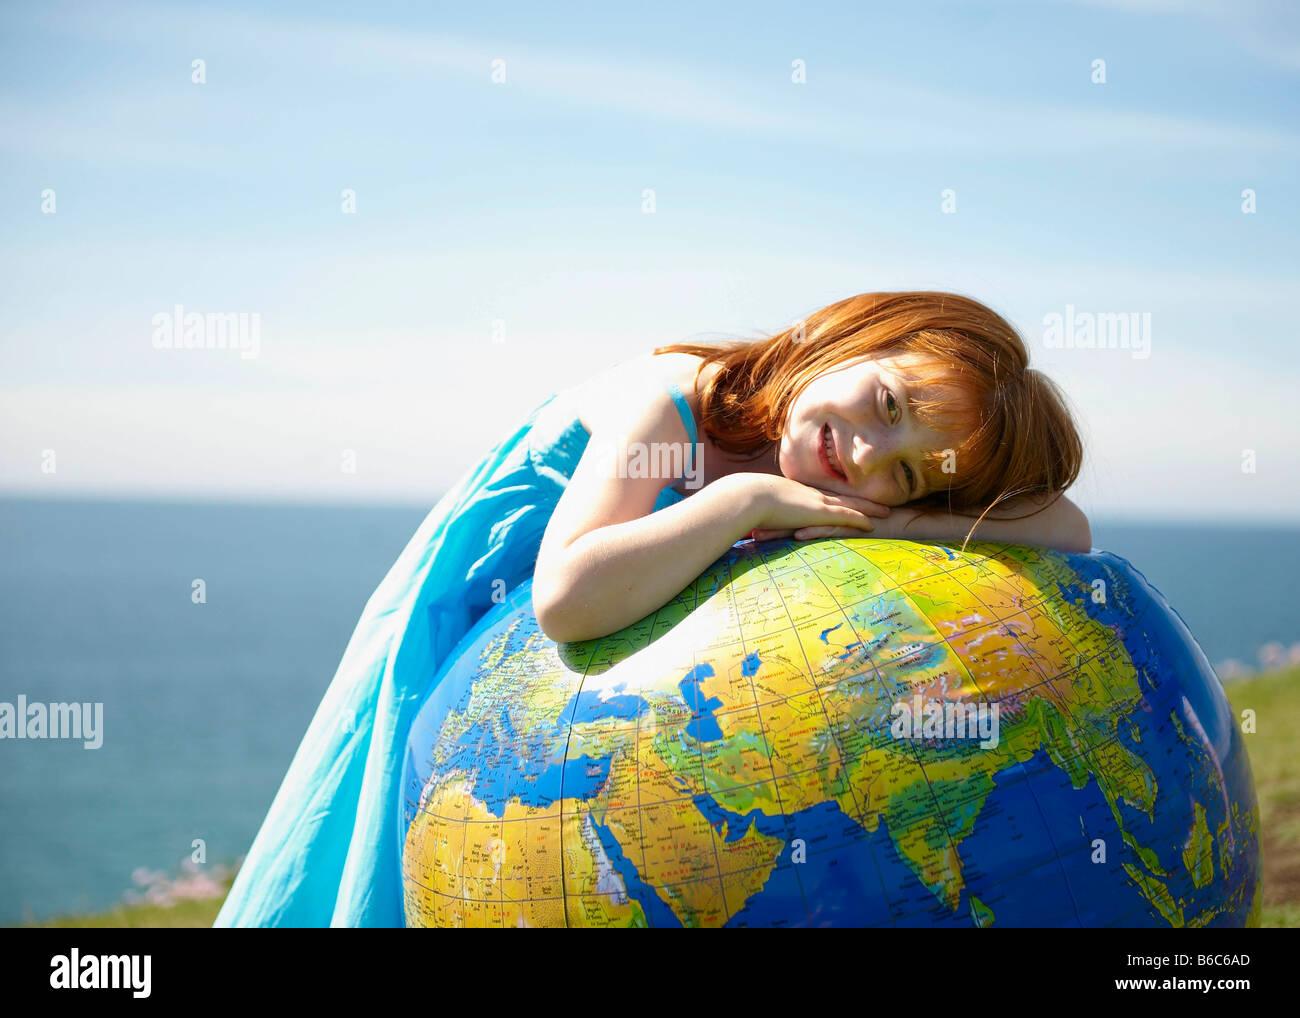 Young girl lying on inflatable globe - Stock Image